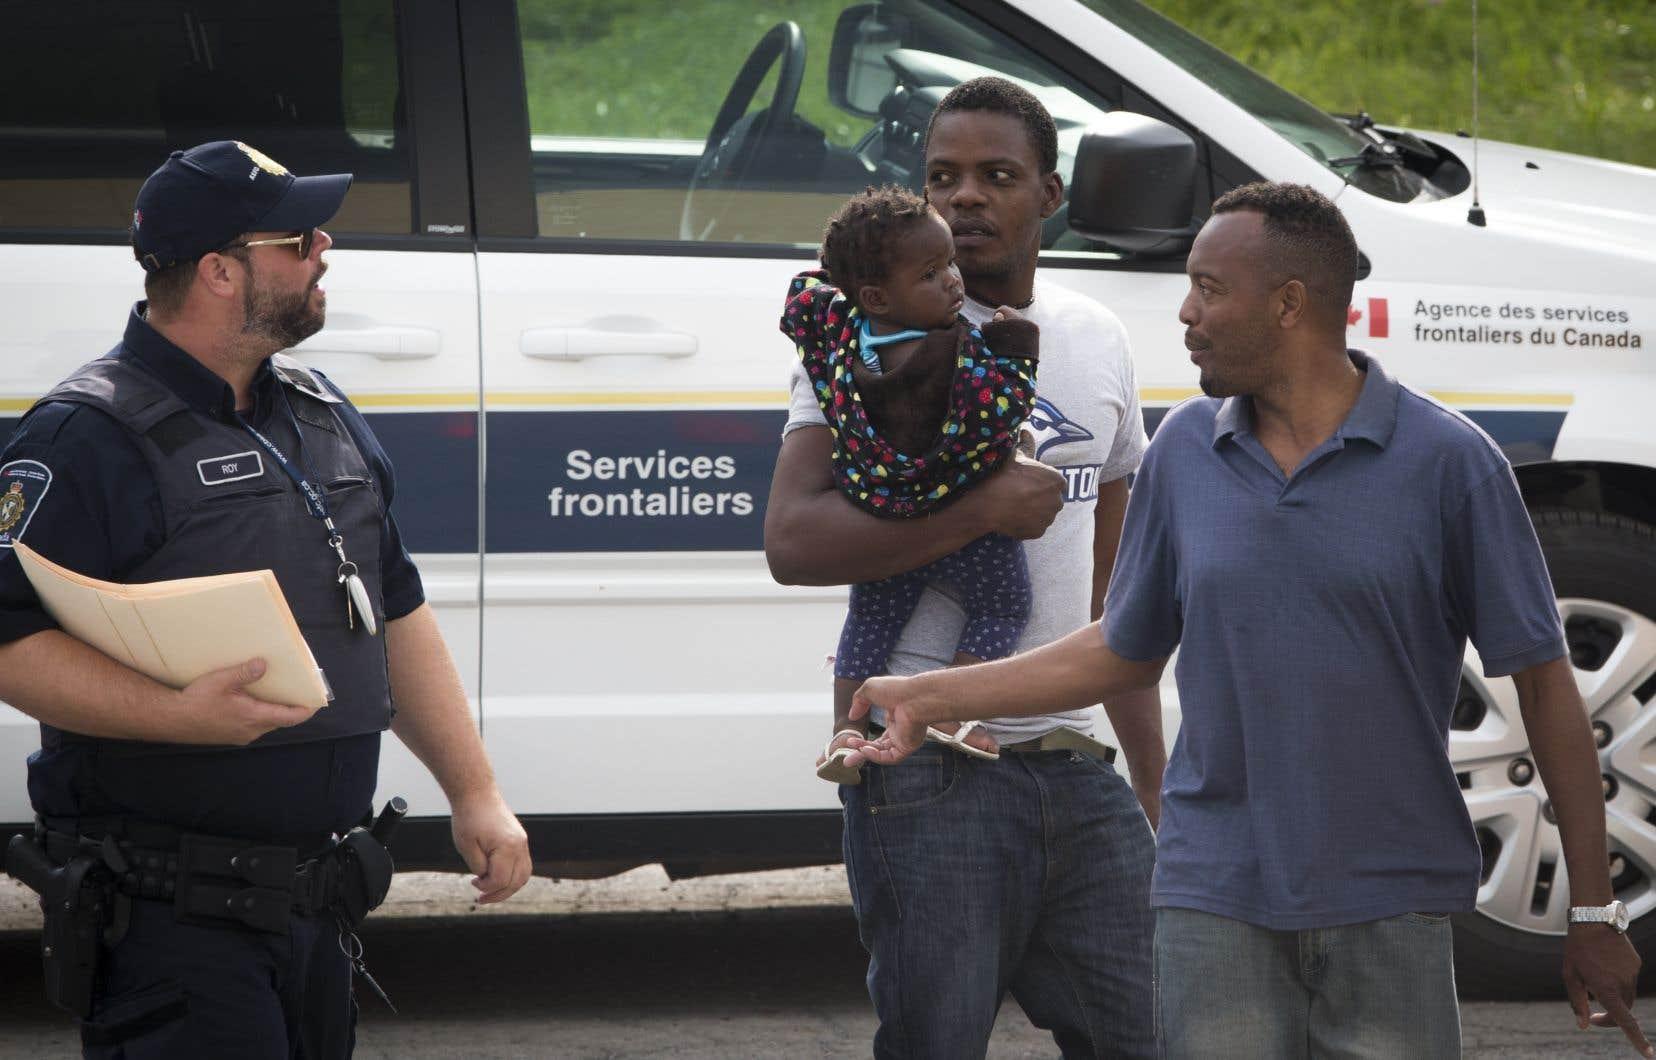 Devant l'arrivée massive de milliers de réfugiés au printemps 2017, Québec rappelle avoir «multiplié» les efforts pour les accueillir «dignement et avec égard».